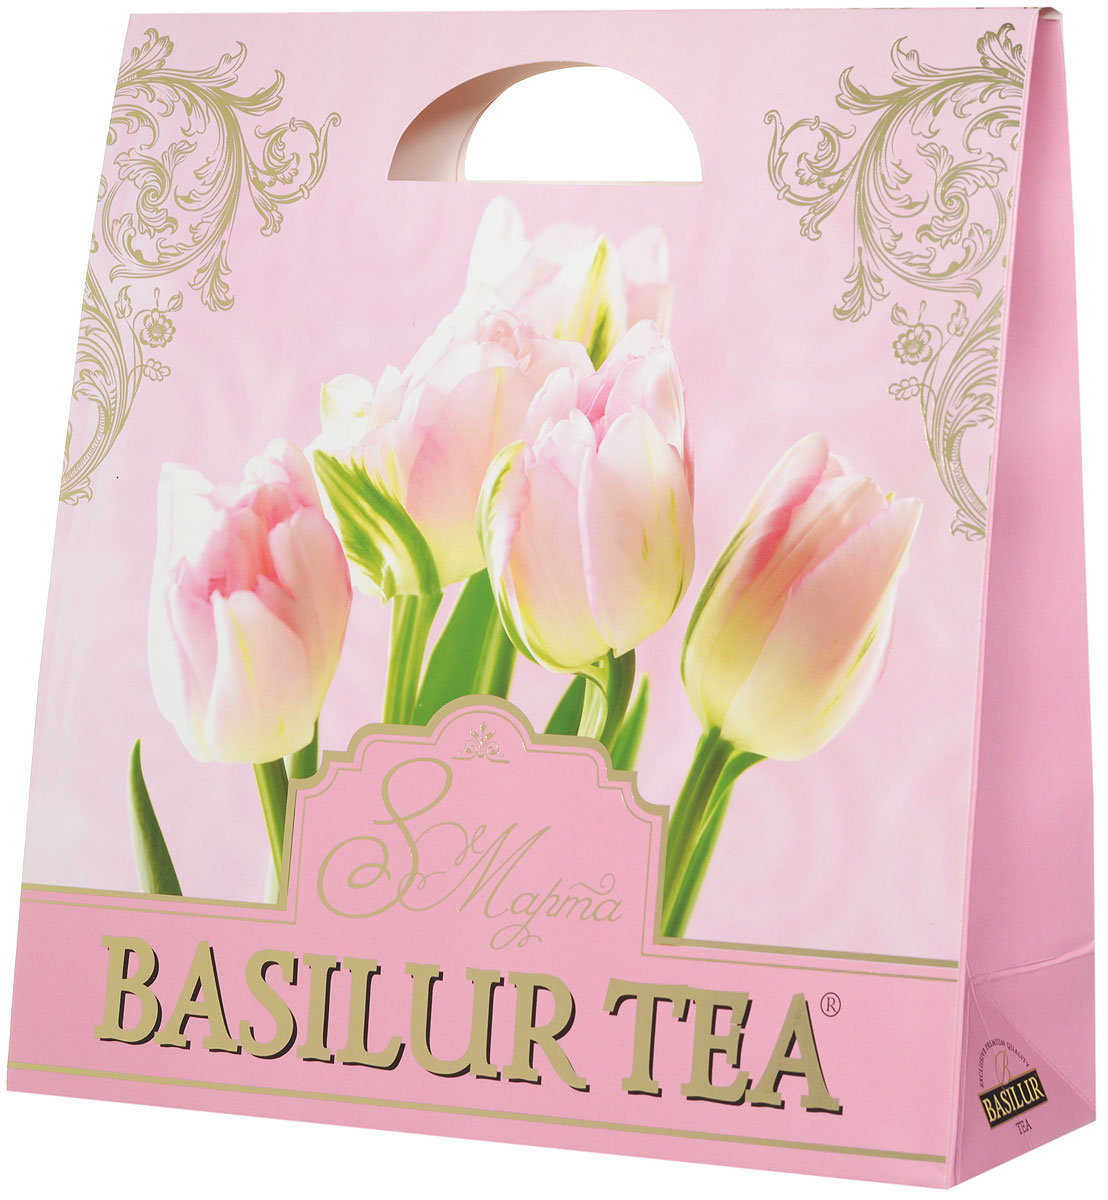 Basilur Подарочный набор Нежный зеленый ягодный чай Париж и салфетка для дома в подарок, 100 г basilur чайный набор букет белое волшебство